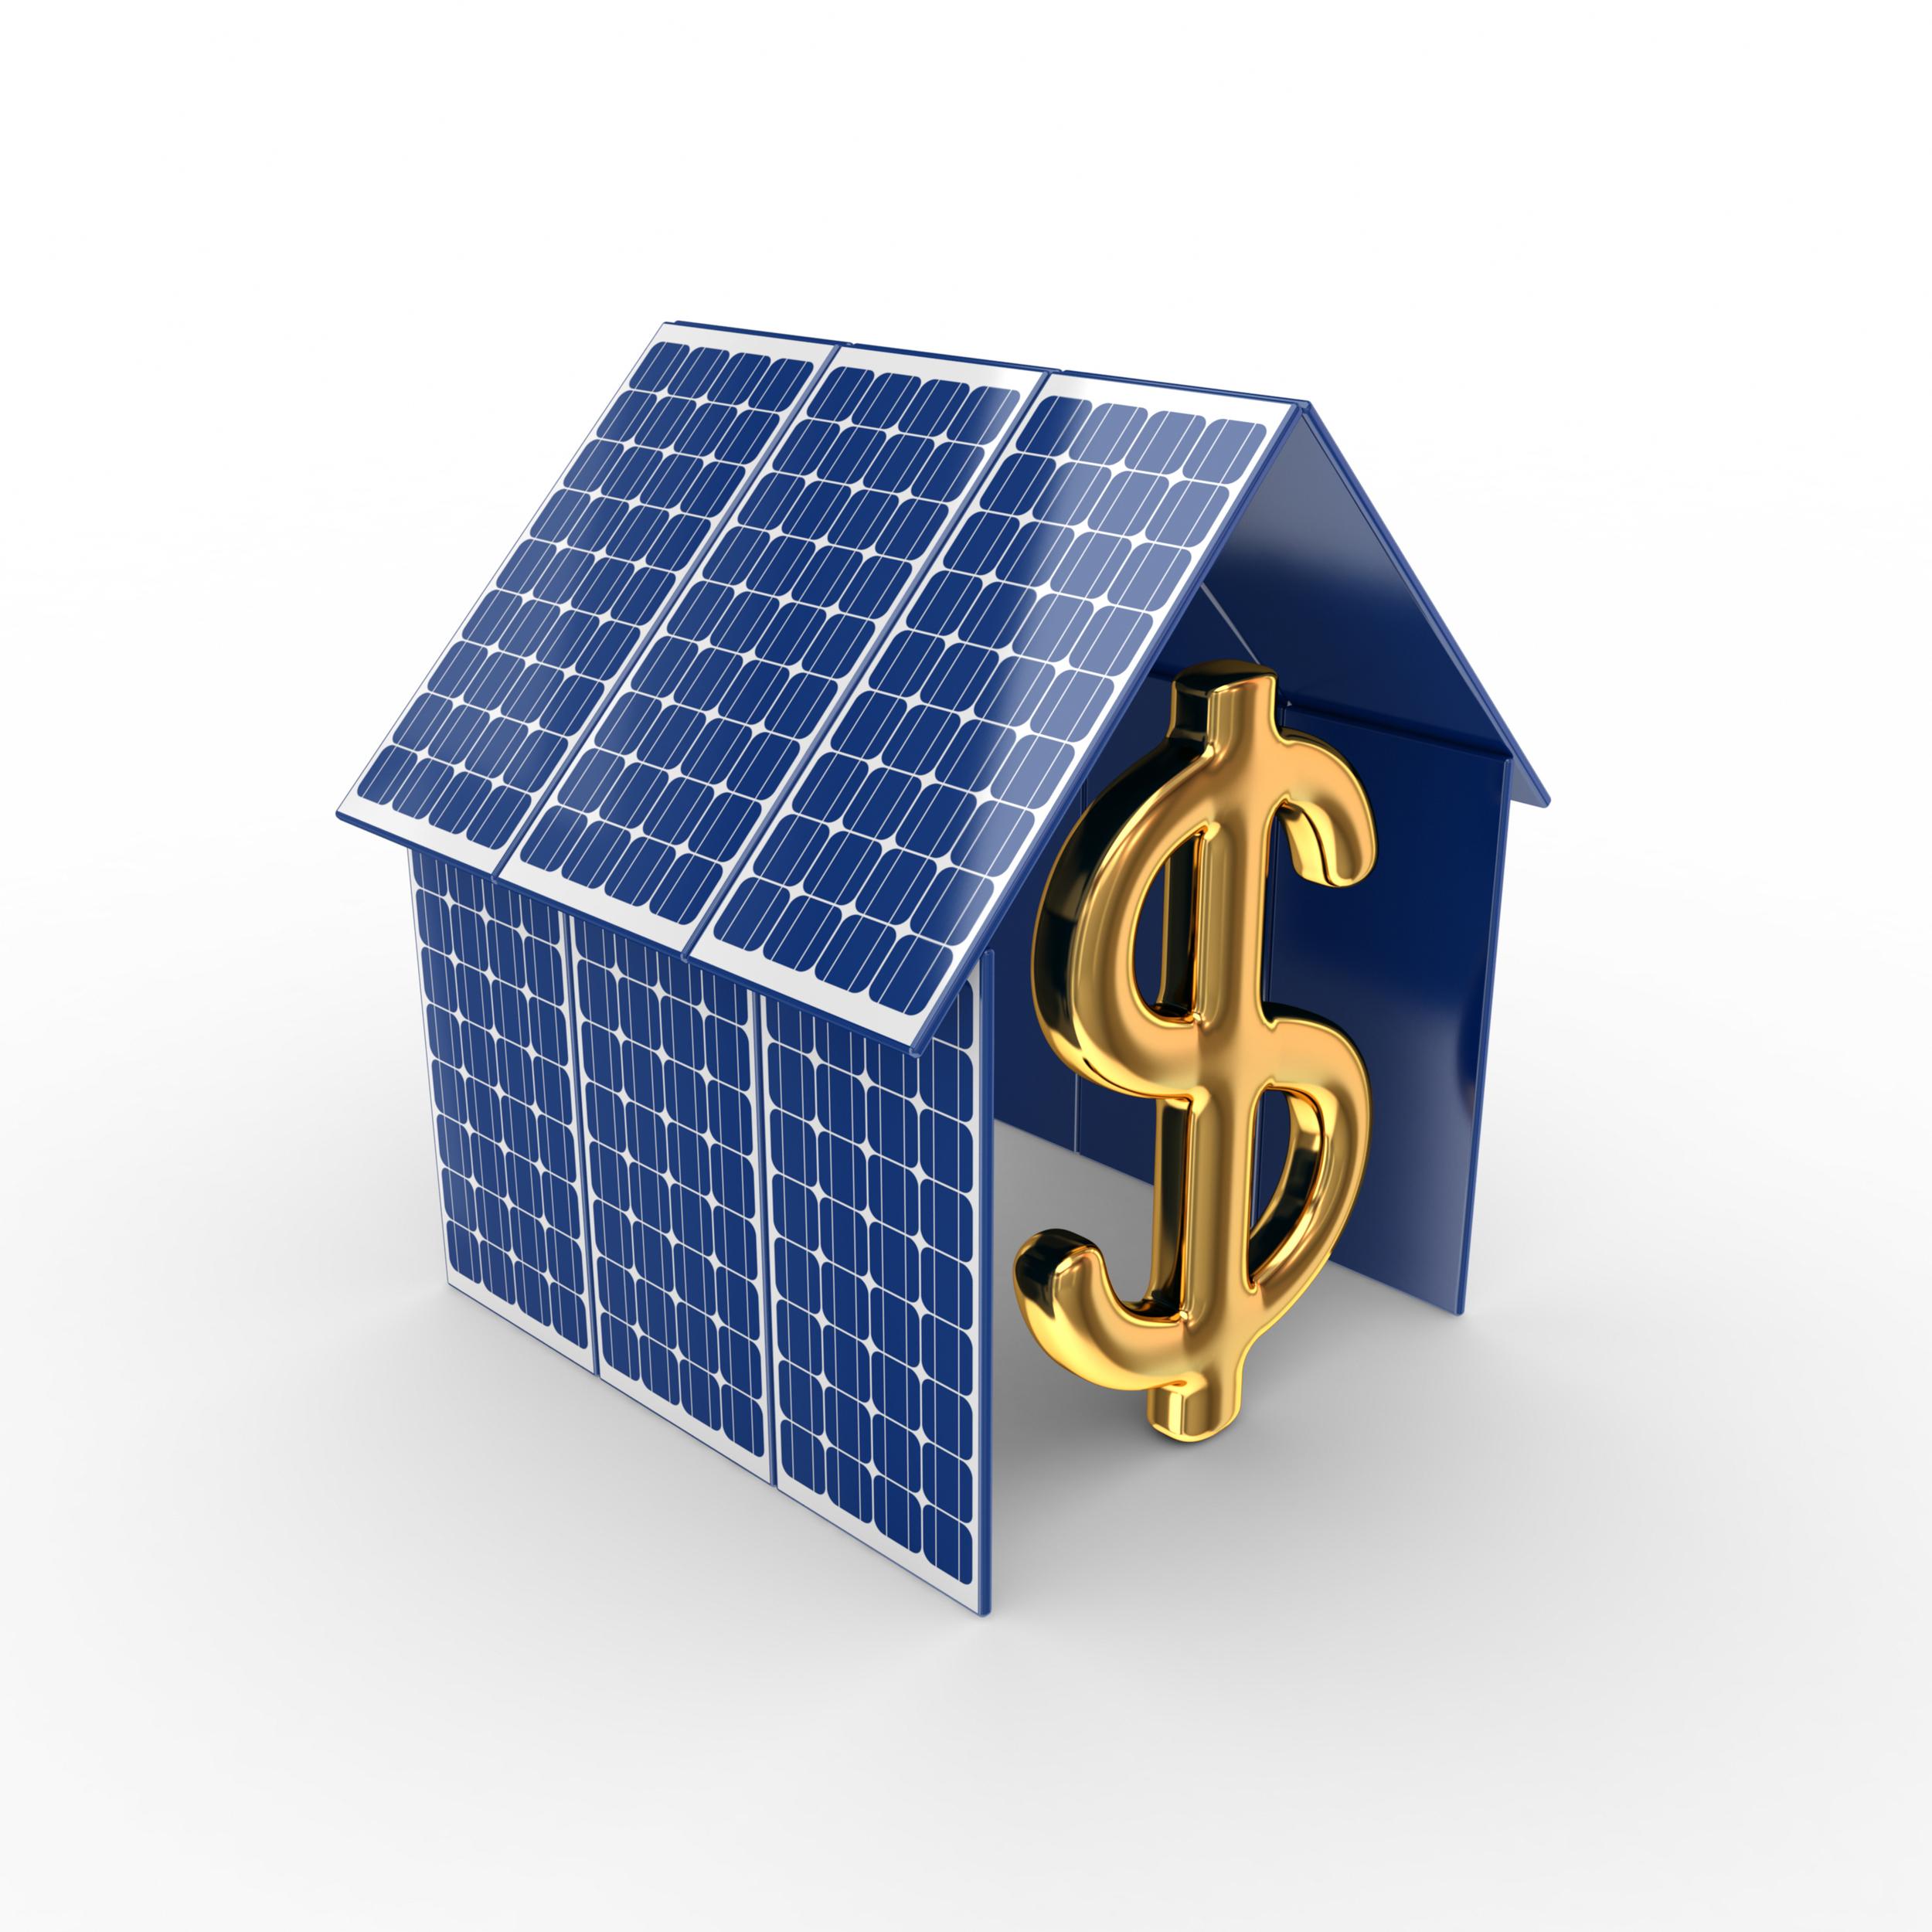 Solar Panel House with Dollar Sign.jpg